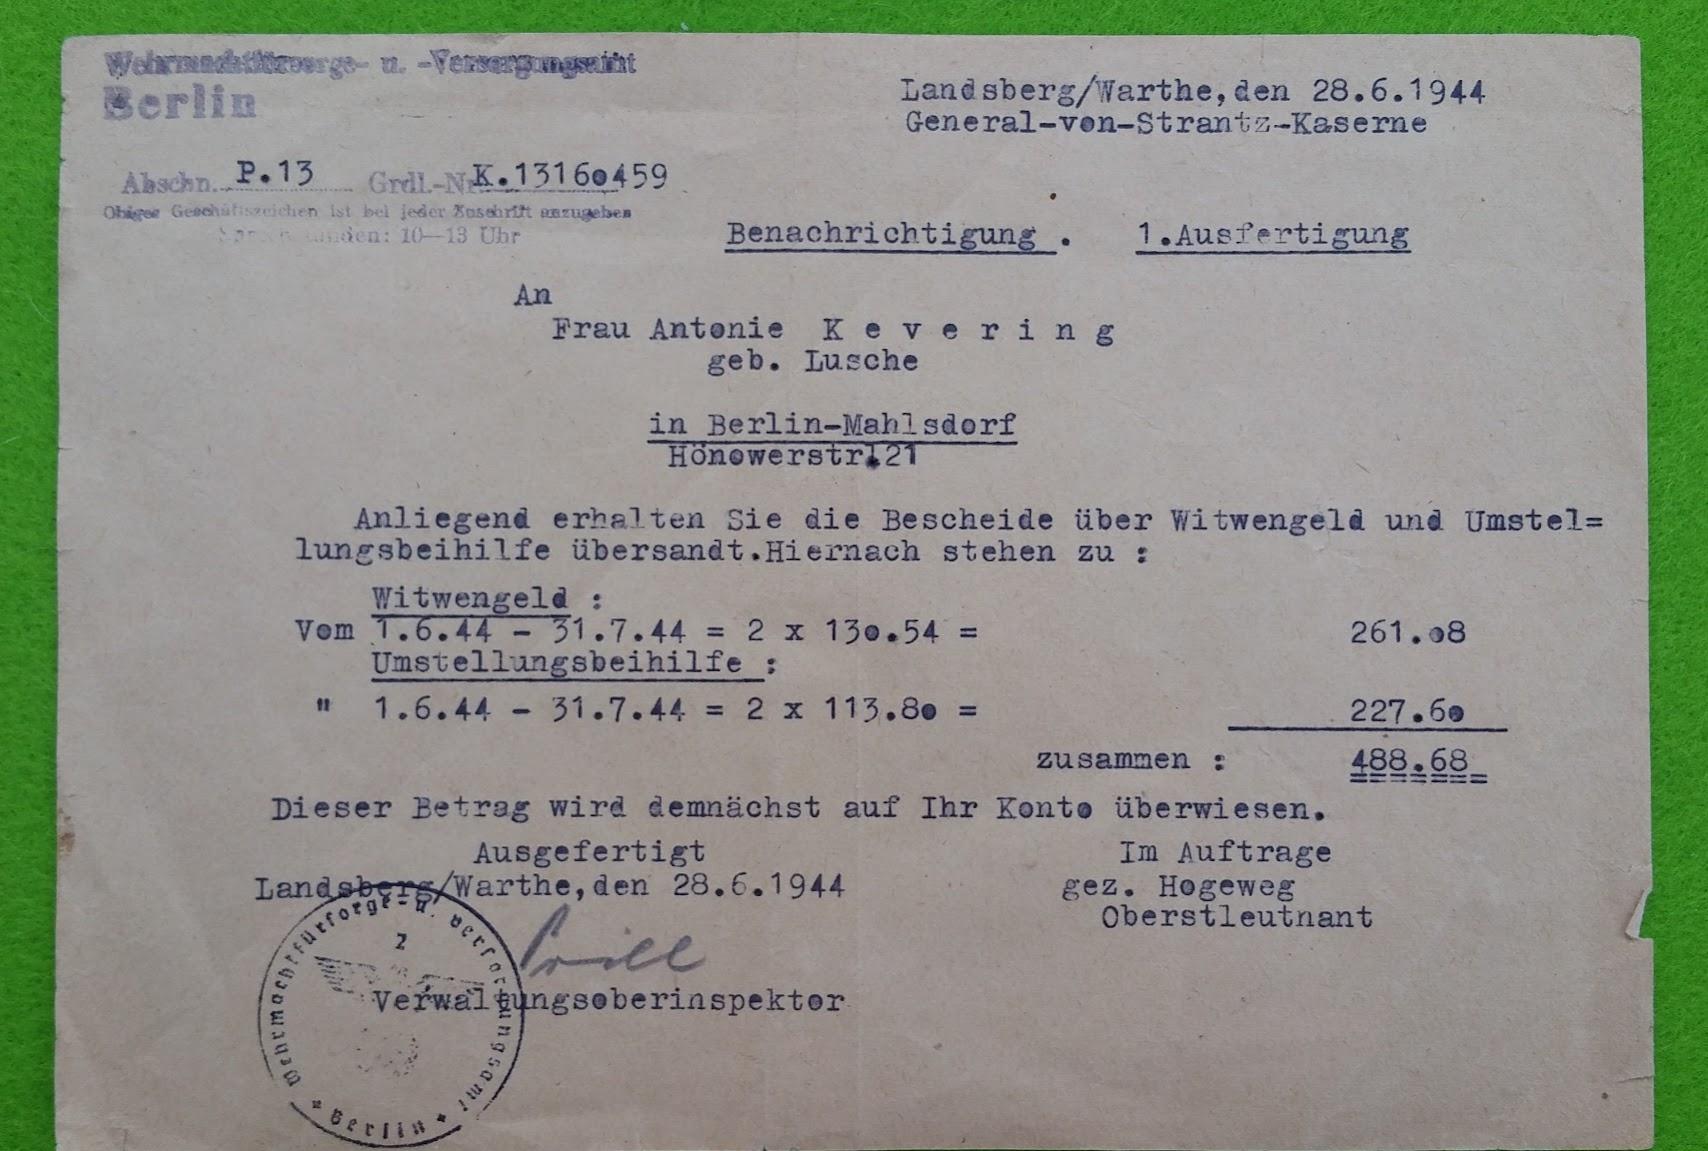 Wehrmachts-Dienst-Post - Benachrichtigung über Witwengeld - 28.6.1944